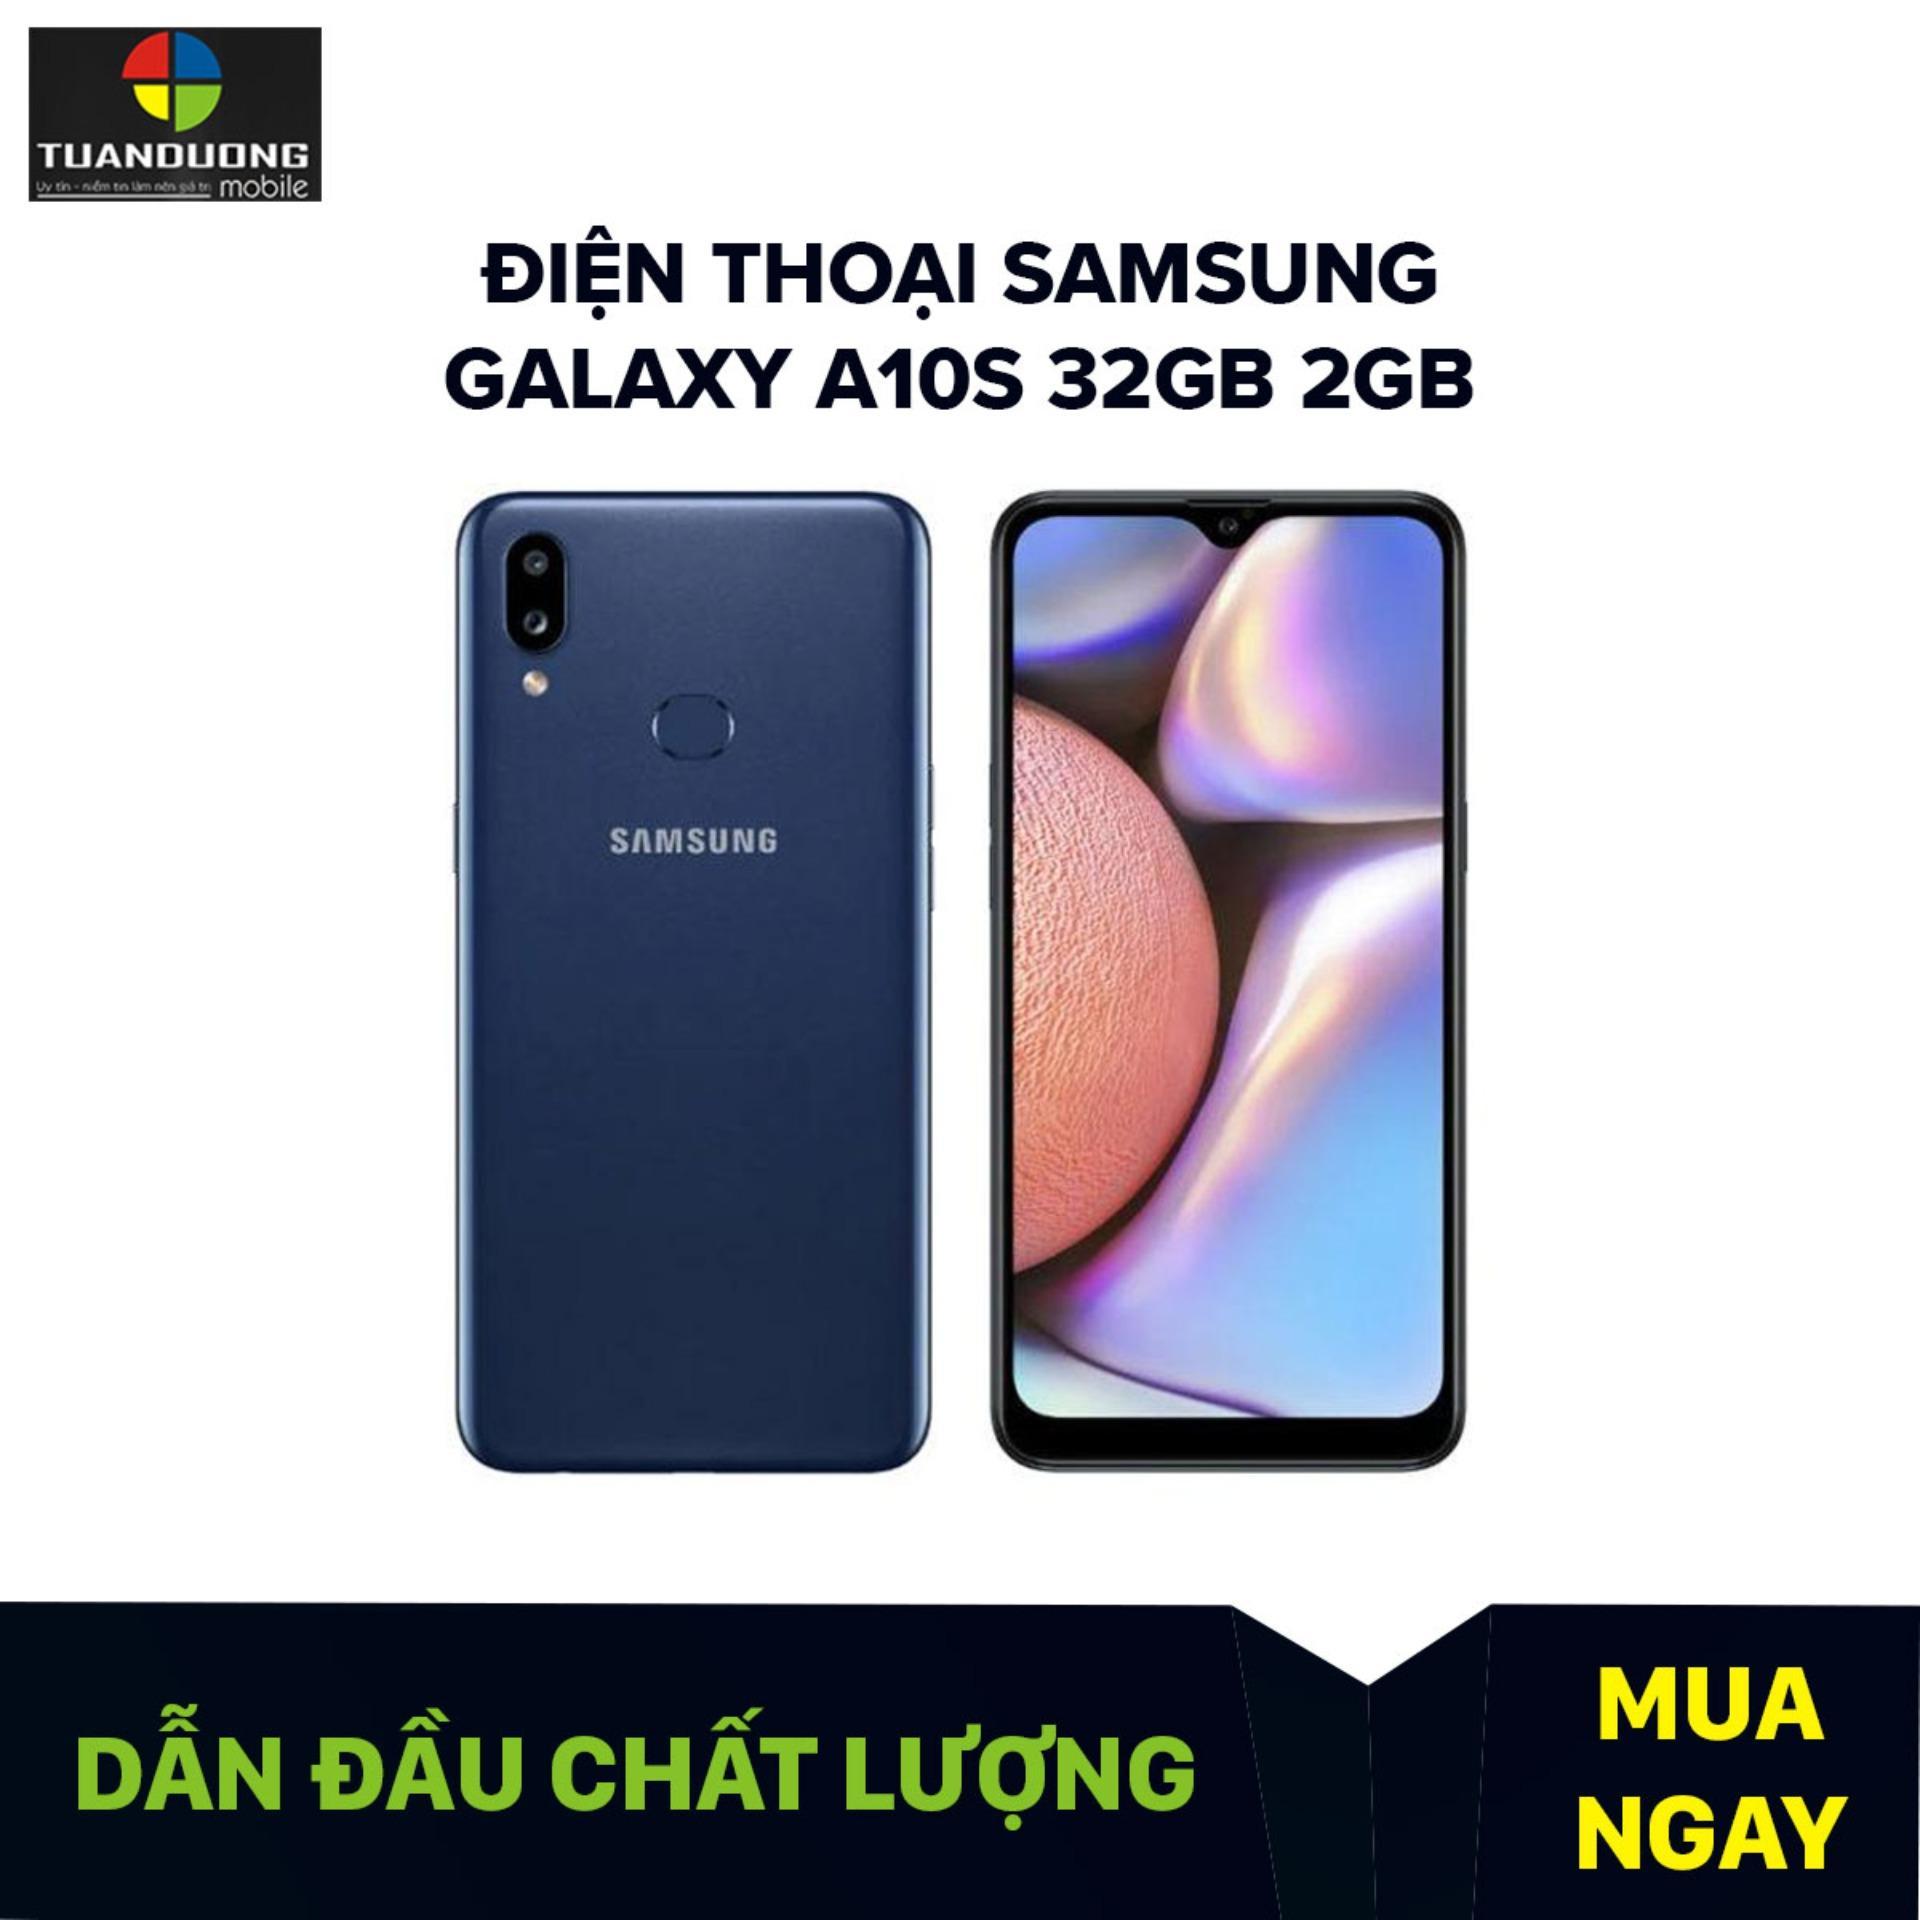 Deal Giảm Giá Điện Thoại Samsung Galaxy A10s Bộ Nhớ Trong 32GB, Ram 2GB, Android 9.0, Màn Hình HD+ 6.2 Inch, CPU MediaTek MT6762 8 Nhân 64-bit (Helio P22)